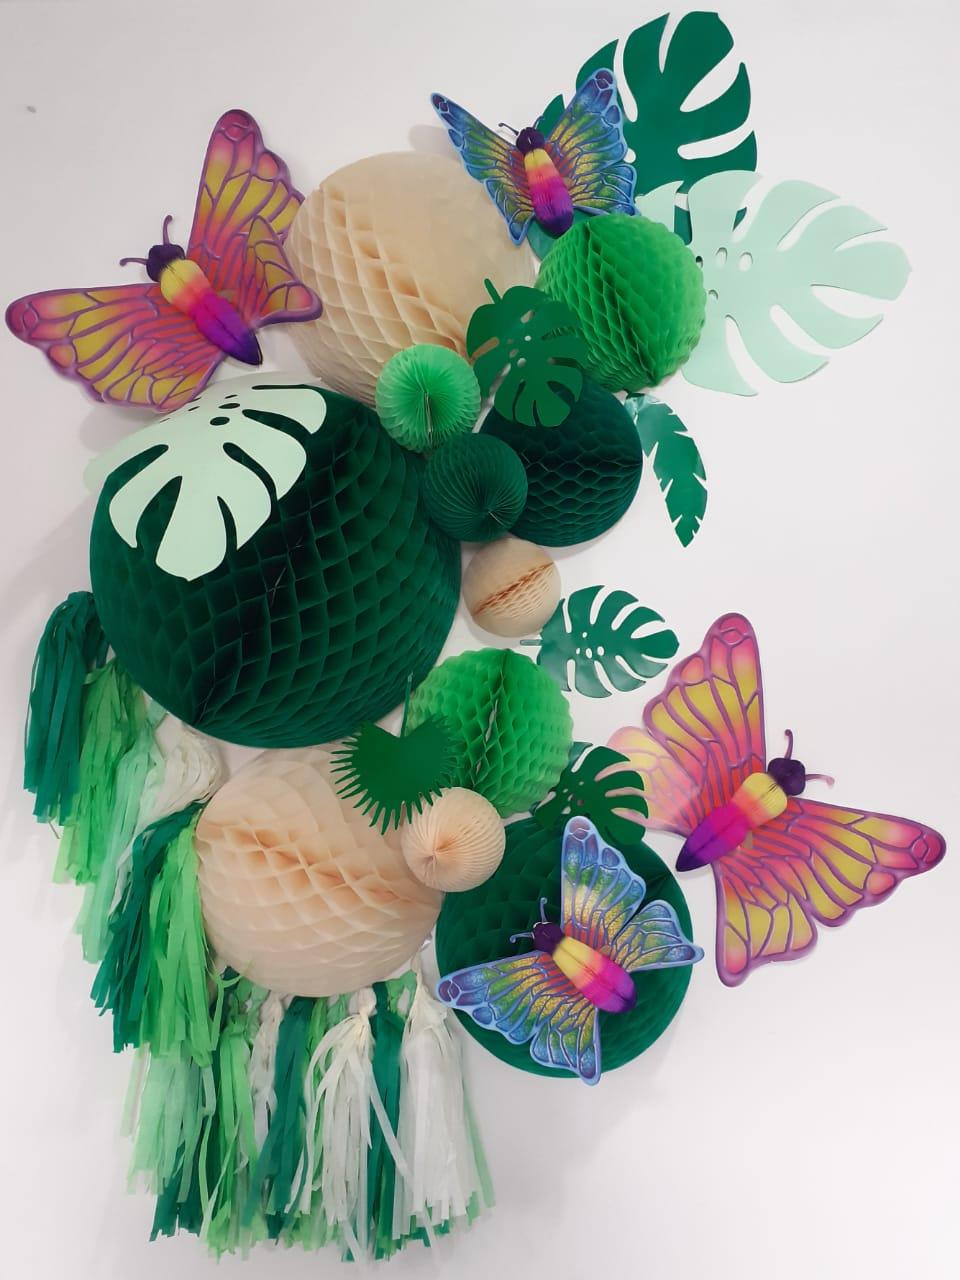 Balão festa decorativa decoração bolas de papel painel borboletas tema jardim infantil